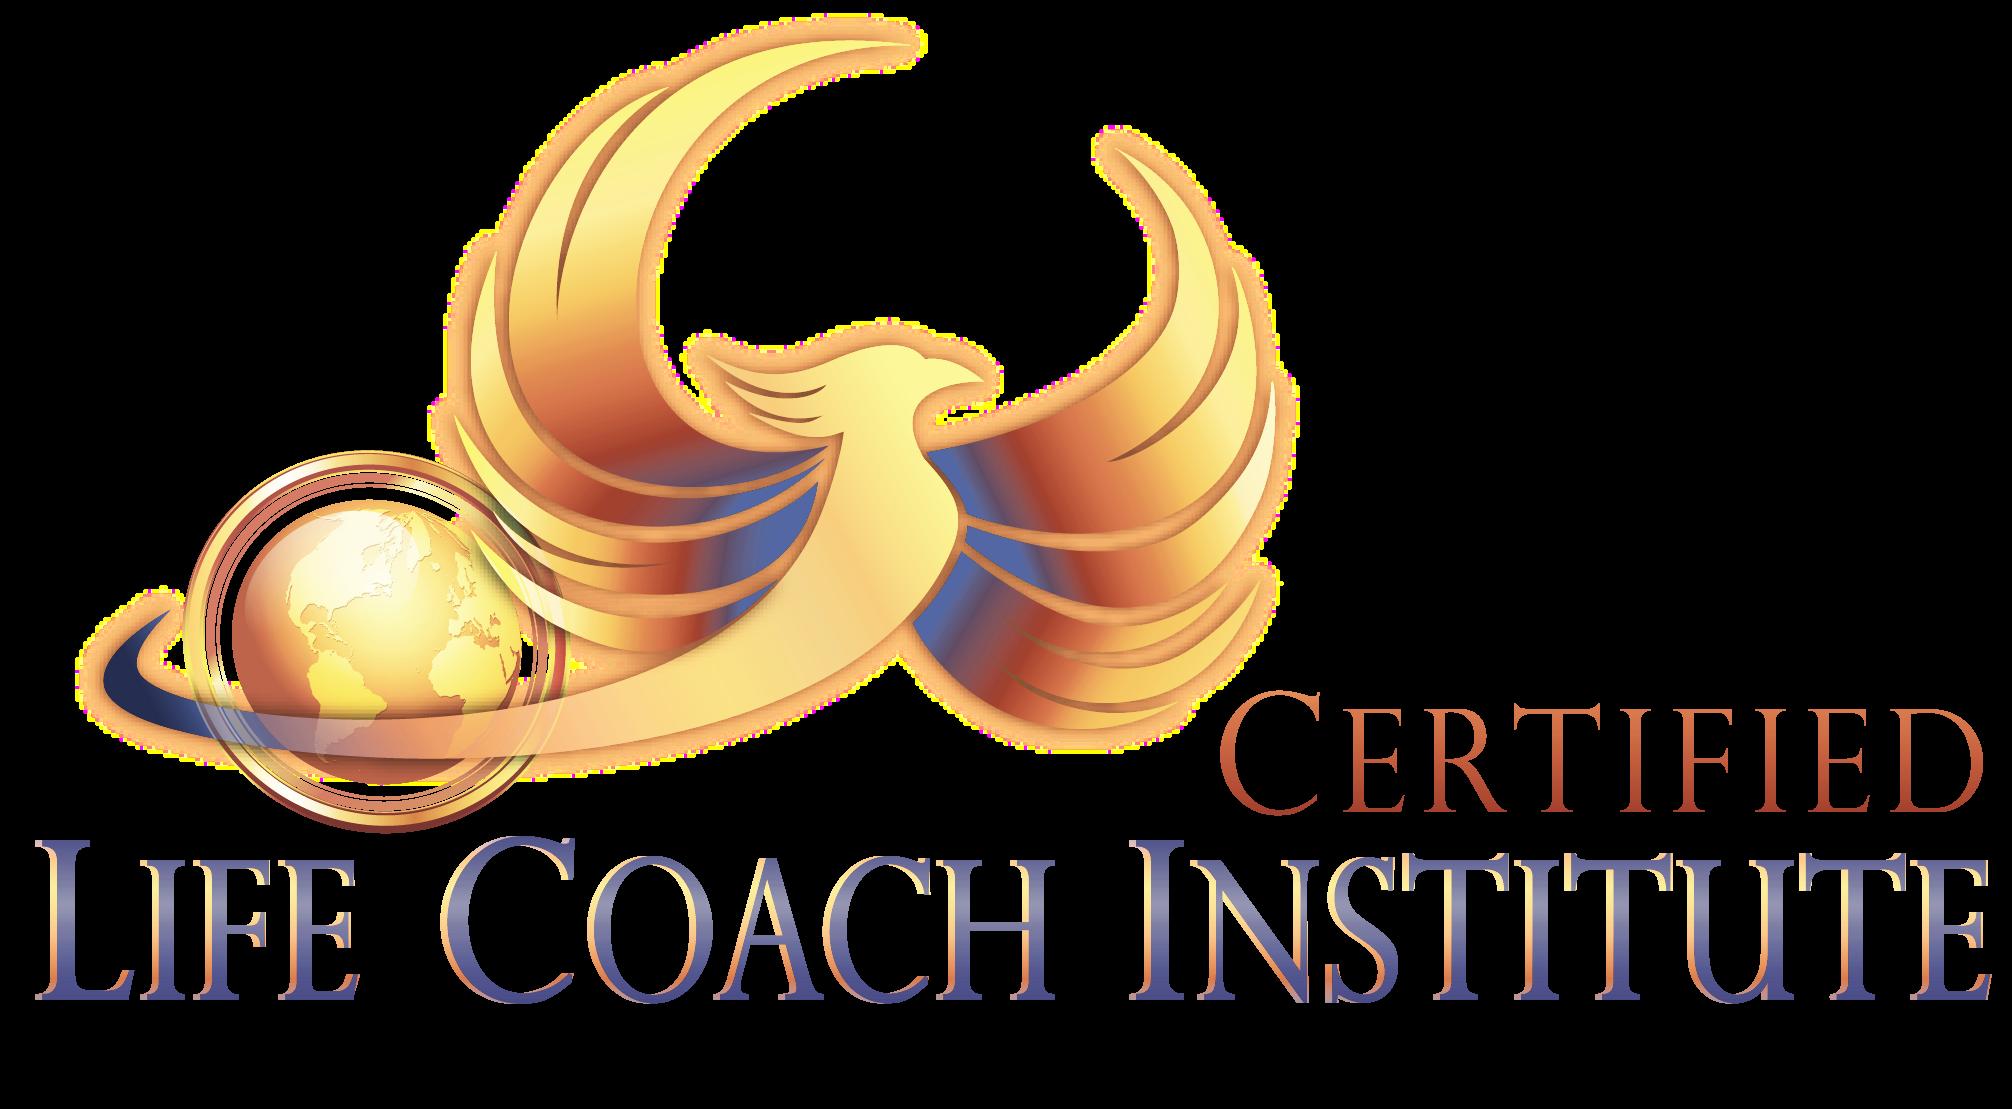 Certified Life Coach Institute